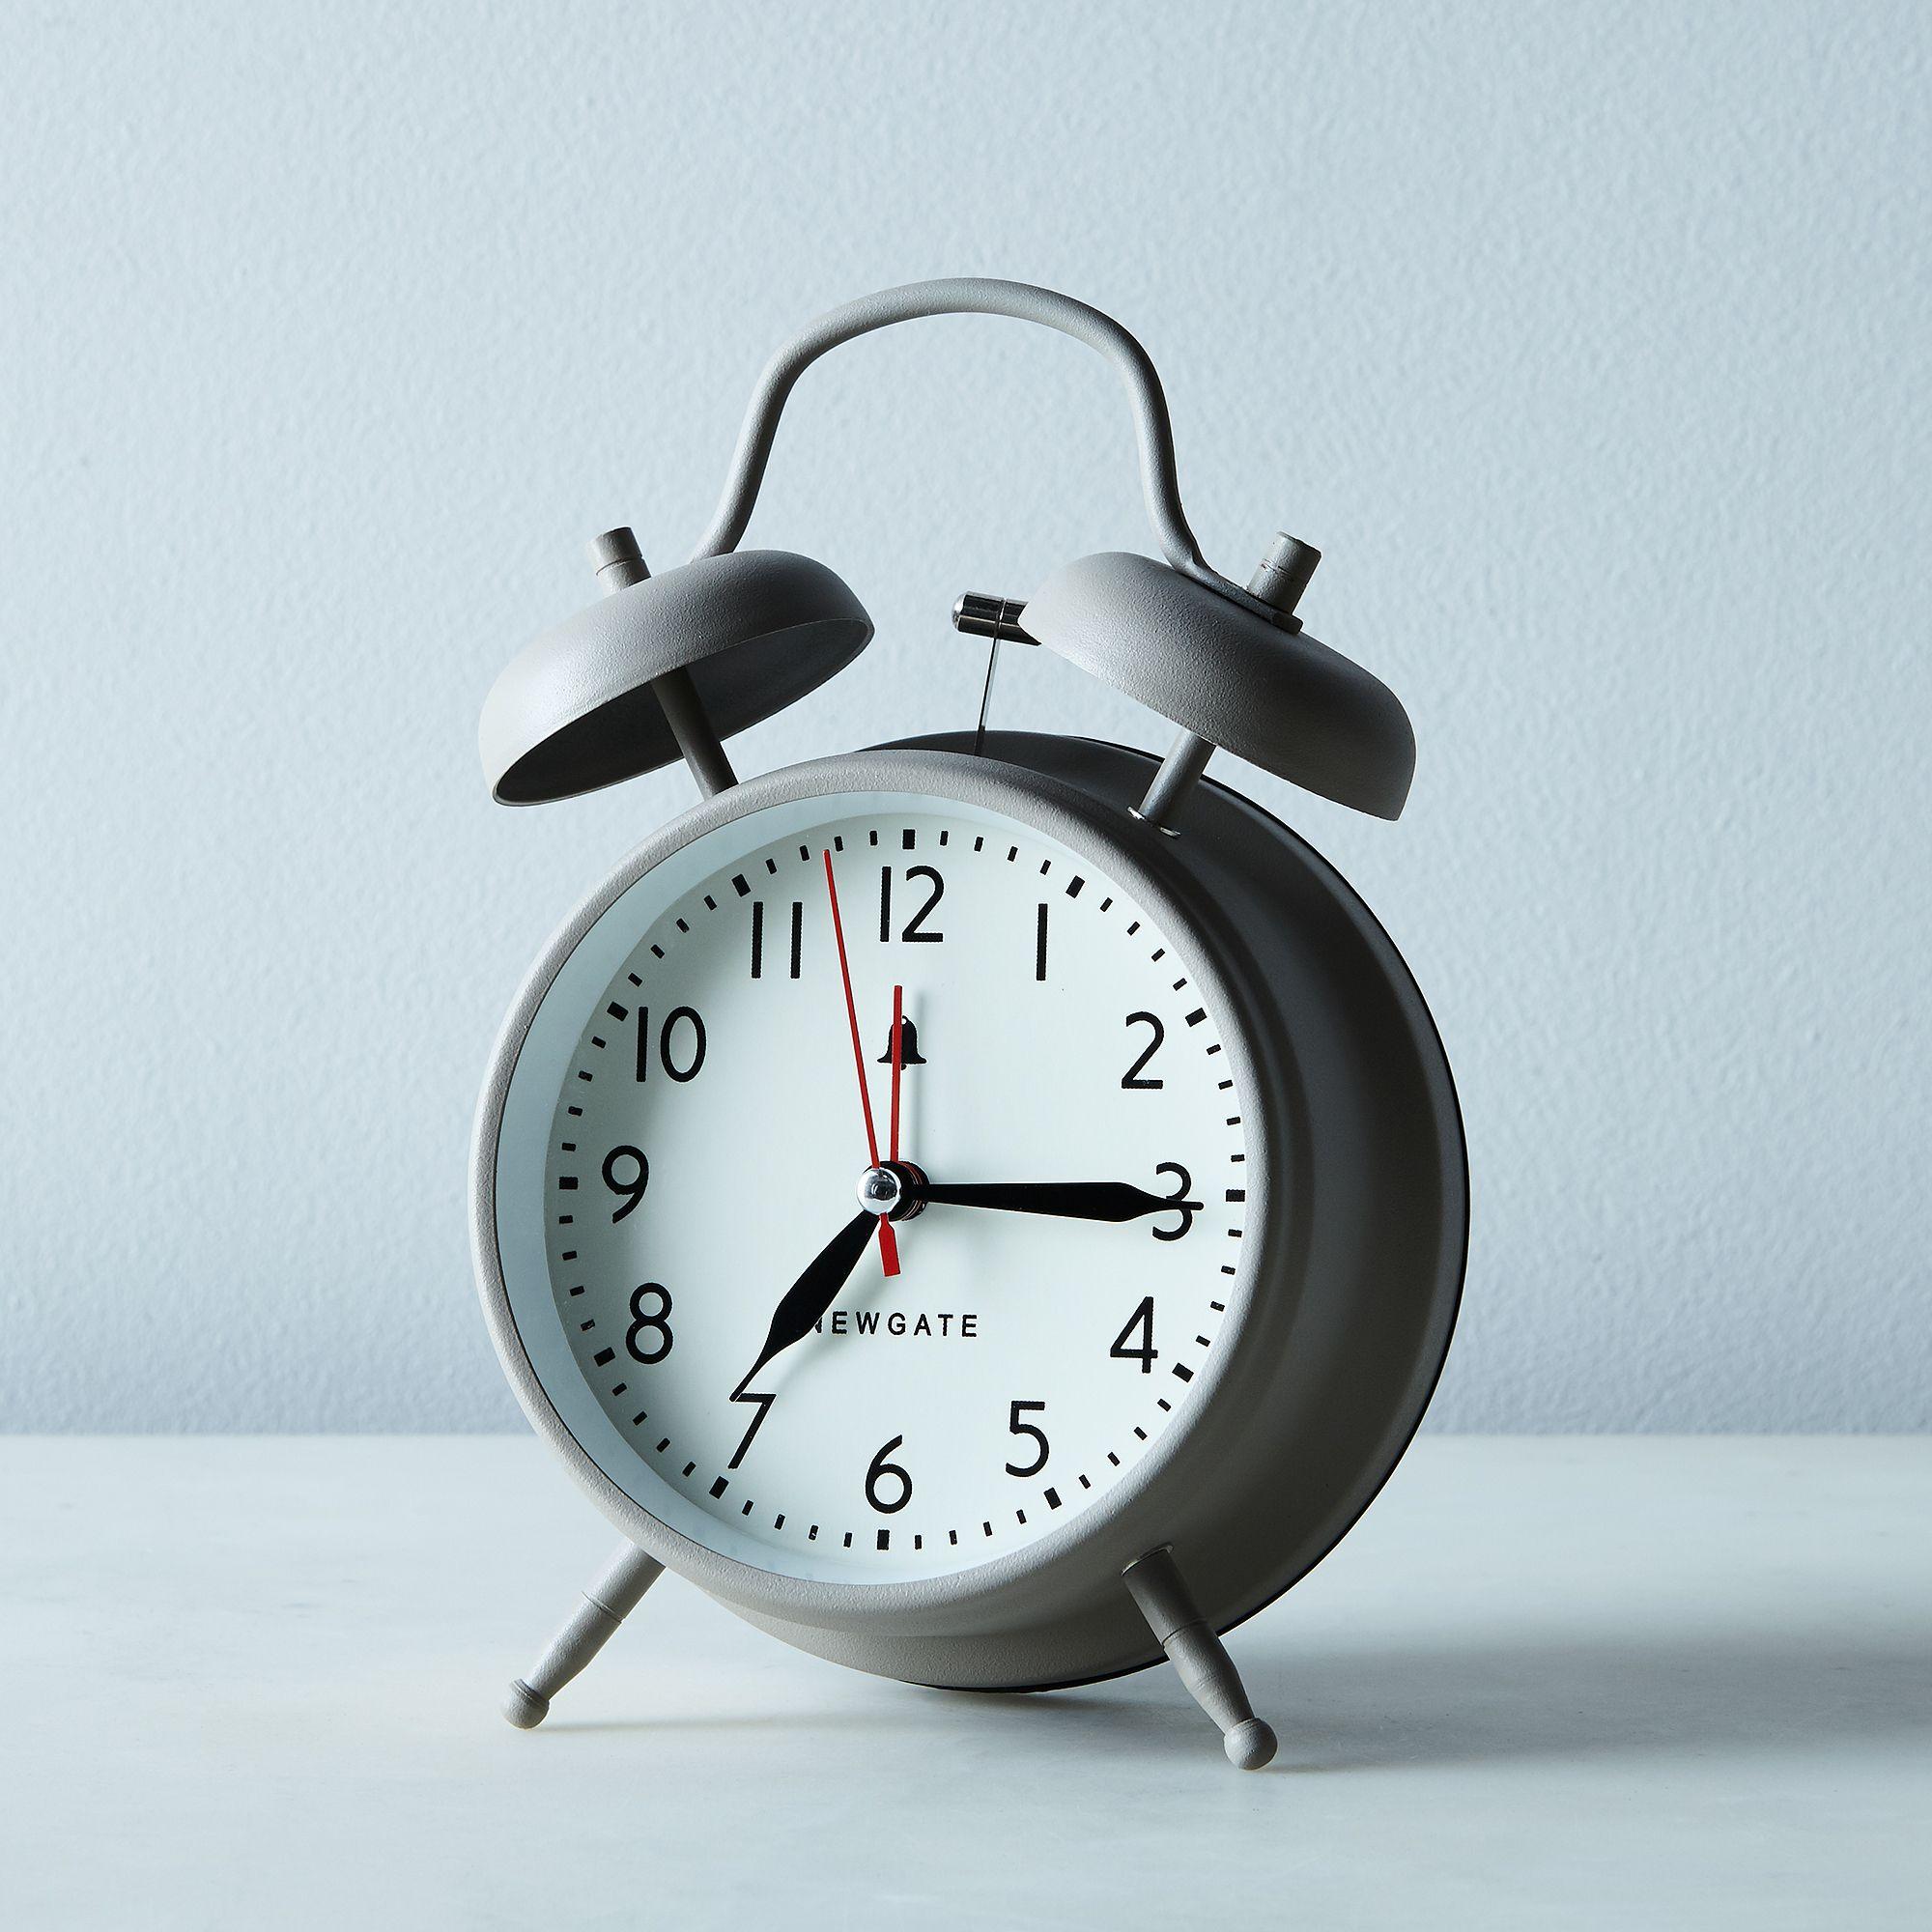 08c1b634 f95d 46a0 971a 47caaa29d272  2017 0302 newgate new covent alarm clock grey silo rocky 005